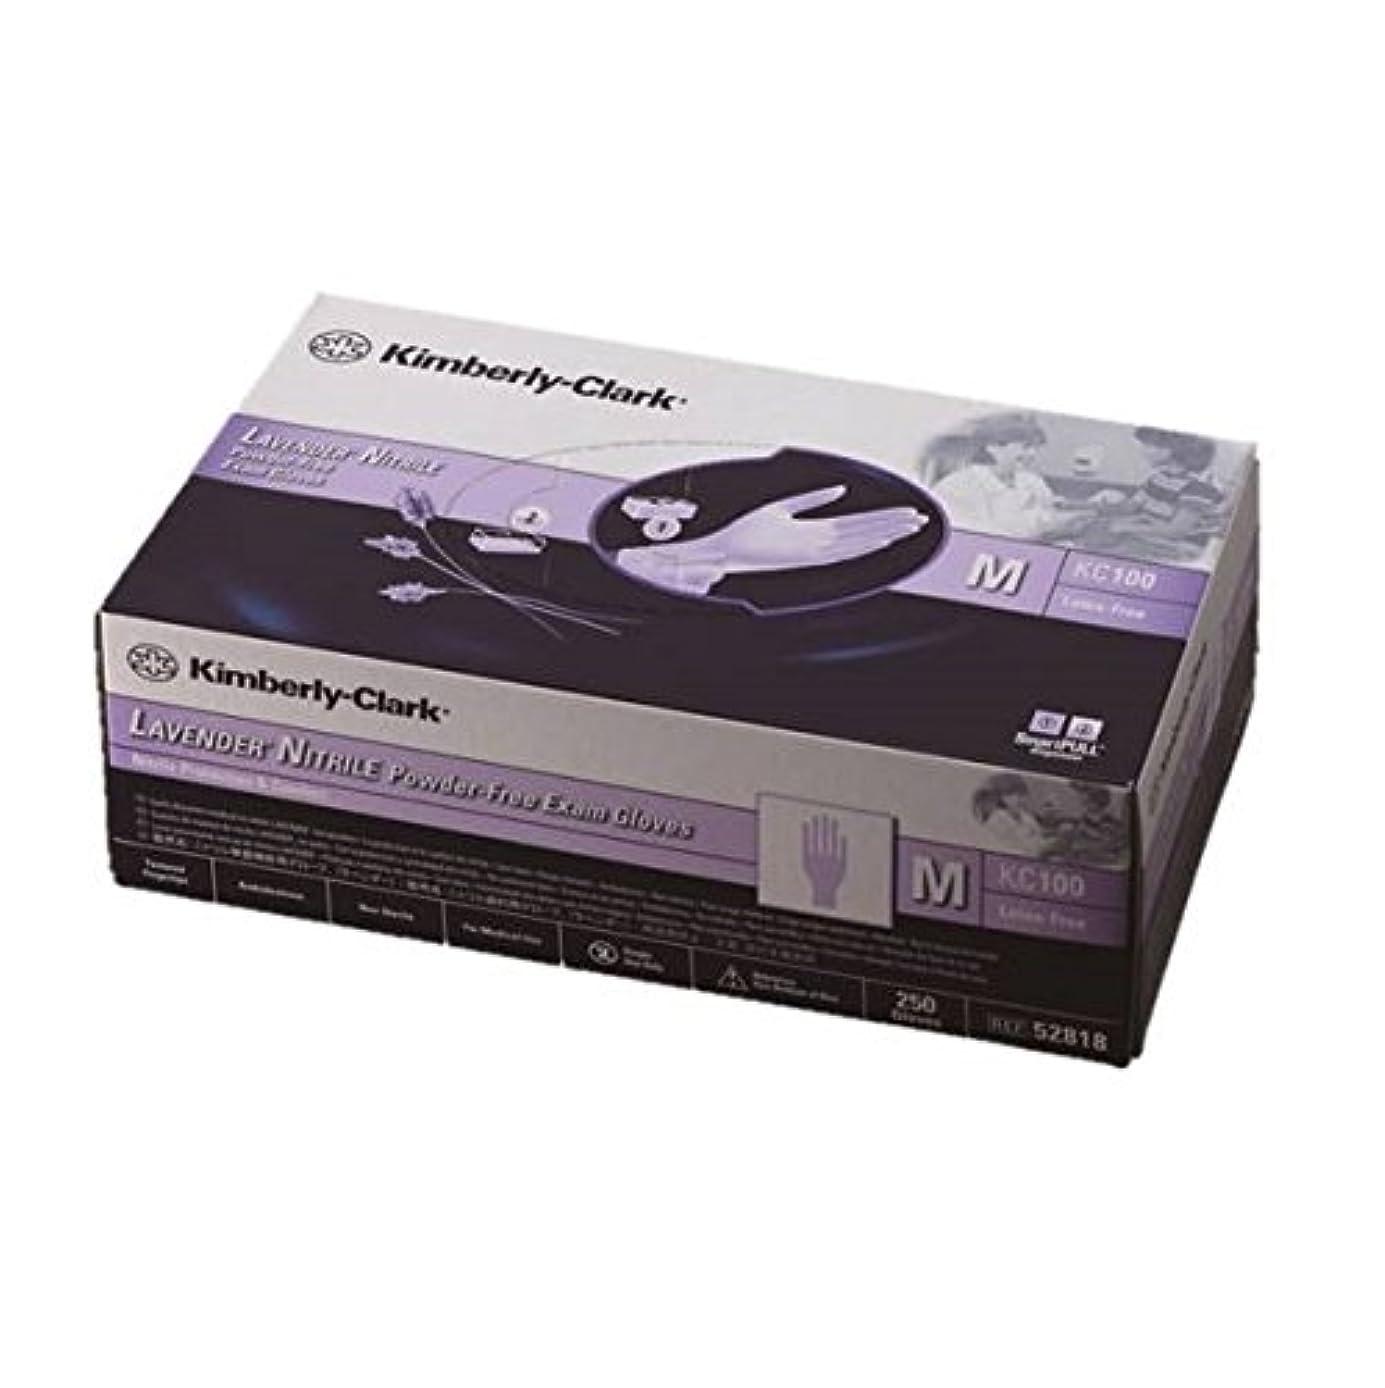 十分ではない取るペルーラベンダー ニトリル グローブ 10 箱